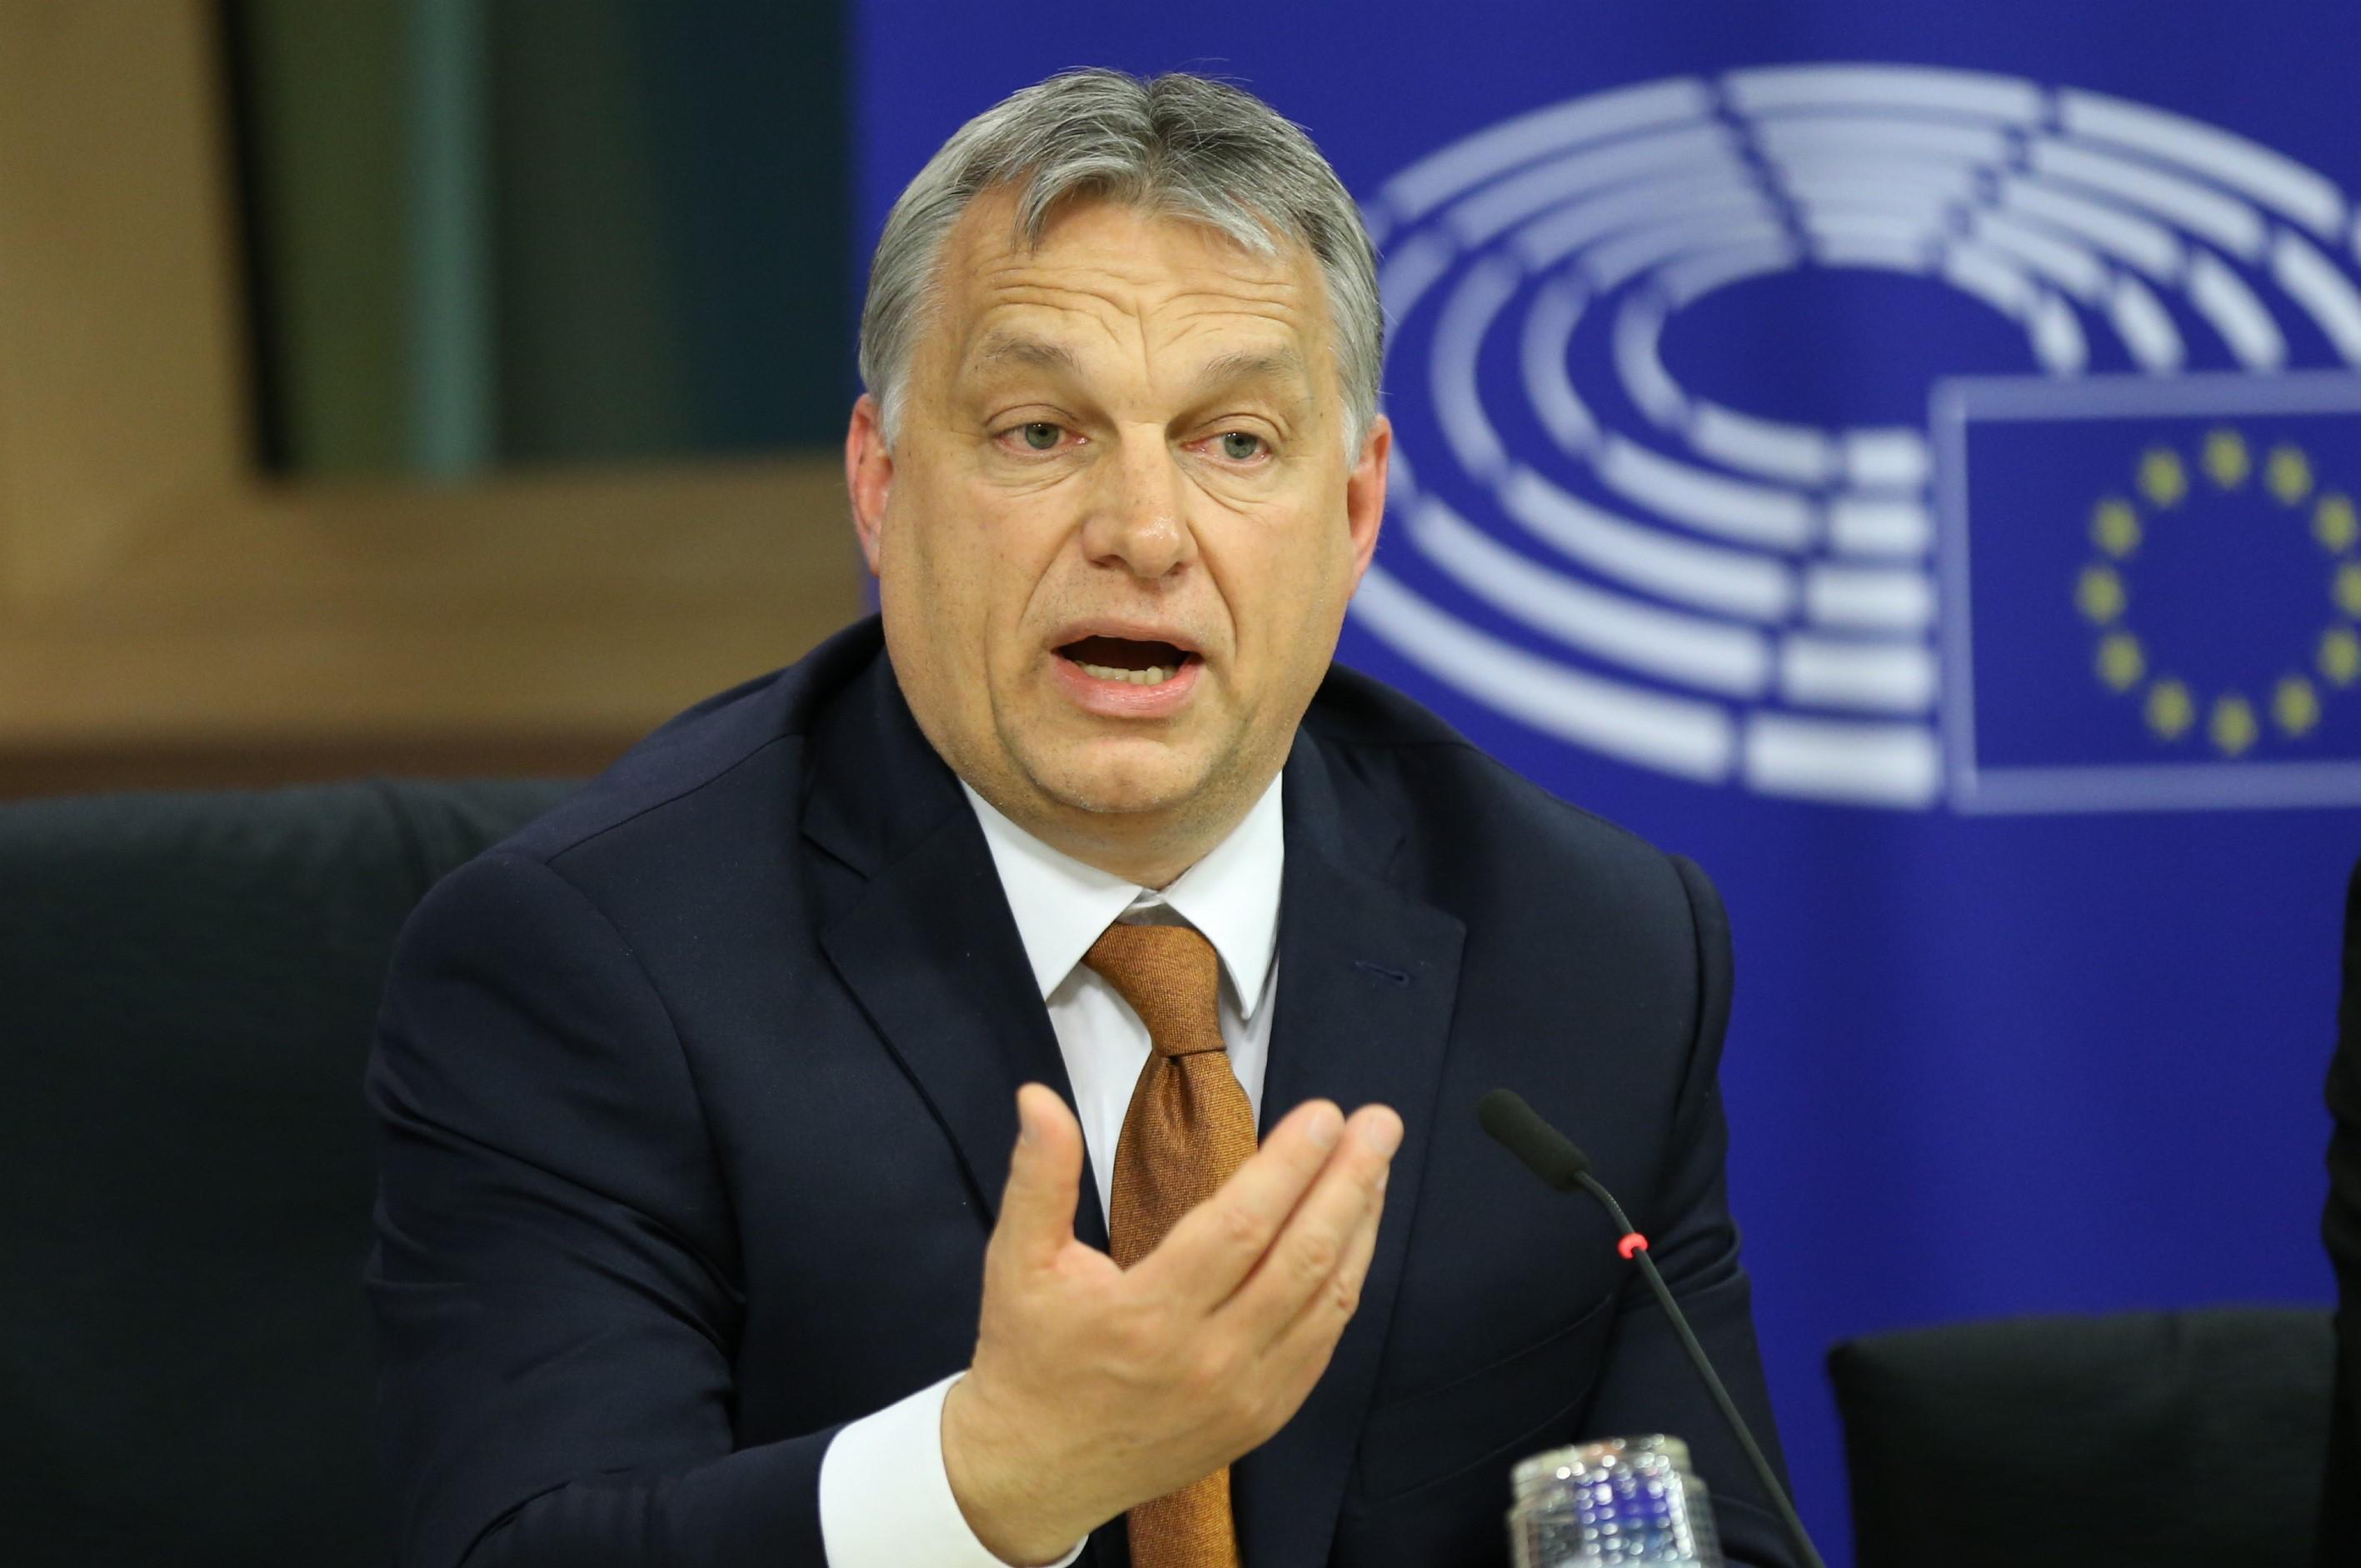 """Jean-Claude Juncker afirmă că are """"cel mai mare respect pentru Viktor Orban""""/ Preşedintele Comisiei Europene: """"A fost eroul meu"""""""